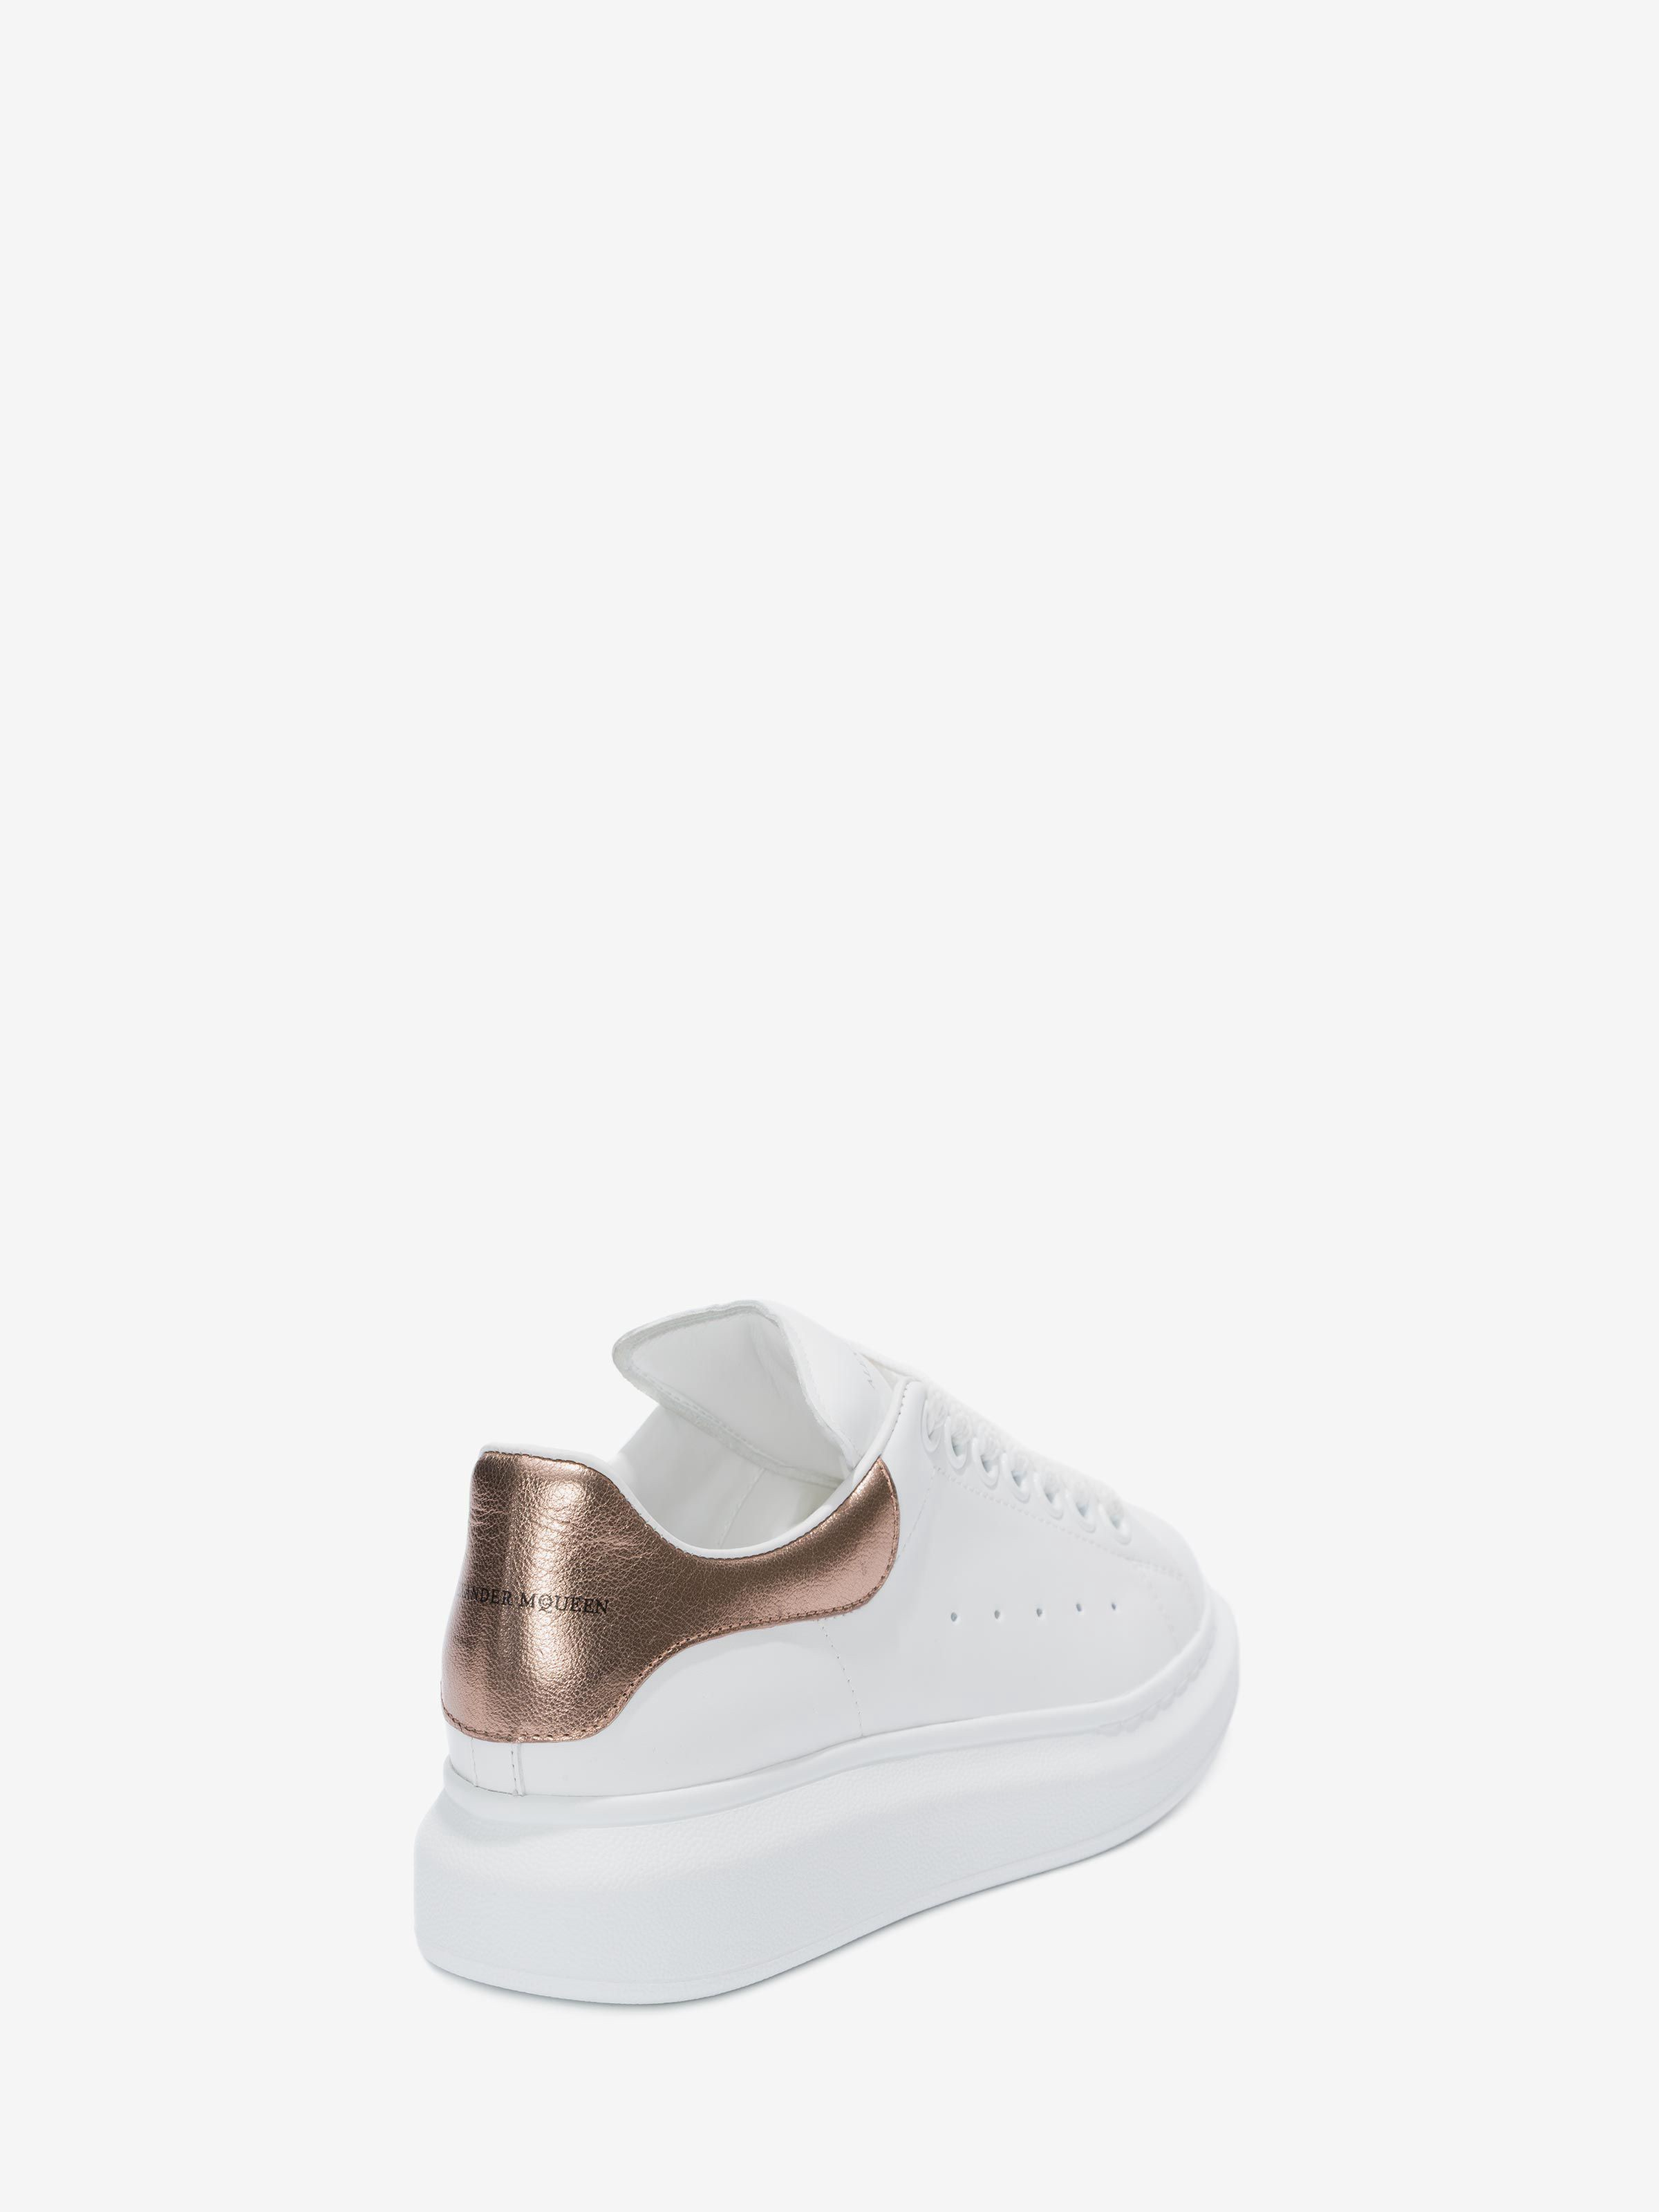 5500a2ff88f44 Alexander Mcqueen Oversized Sneaker - Metallic Blue 36.5